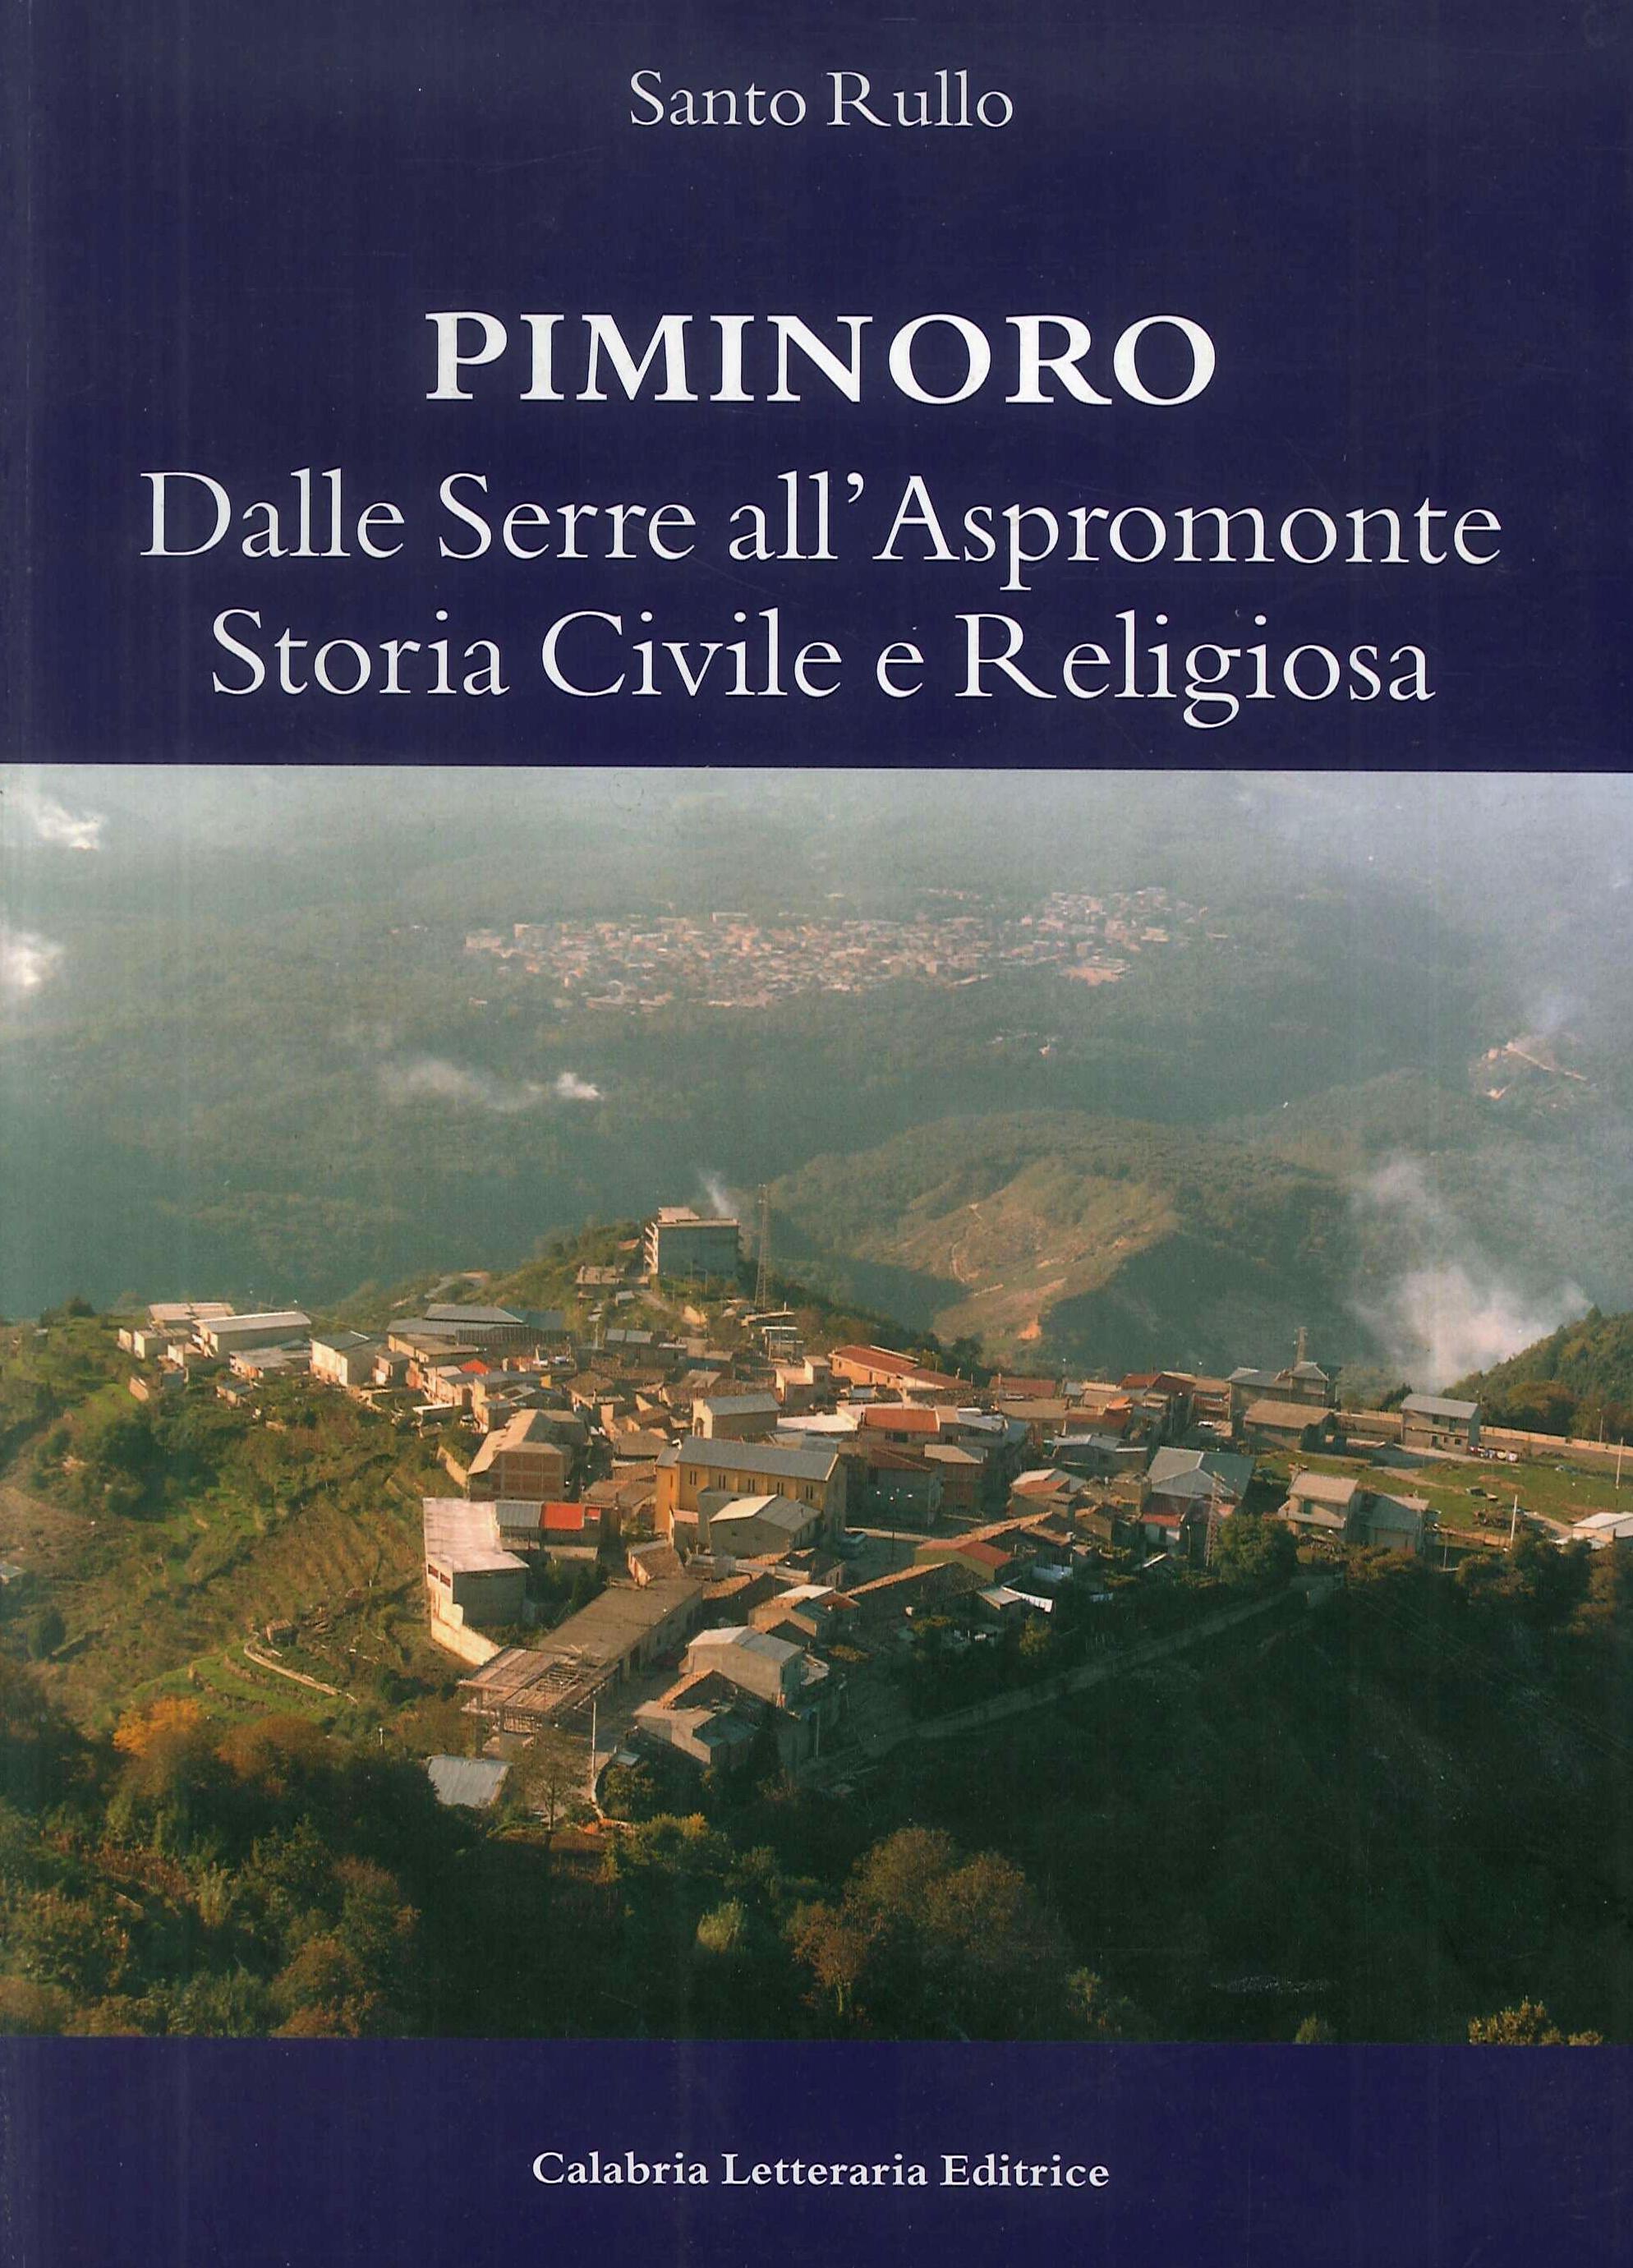 Piminoro. Dalle Serre all'Aspromonte. Storia civile e religiosa.